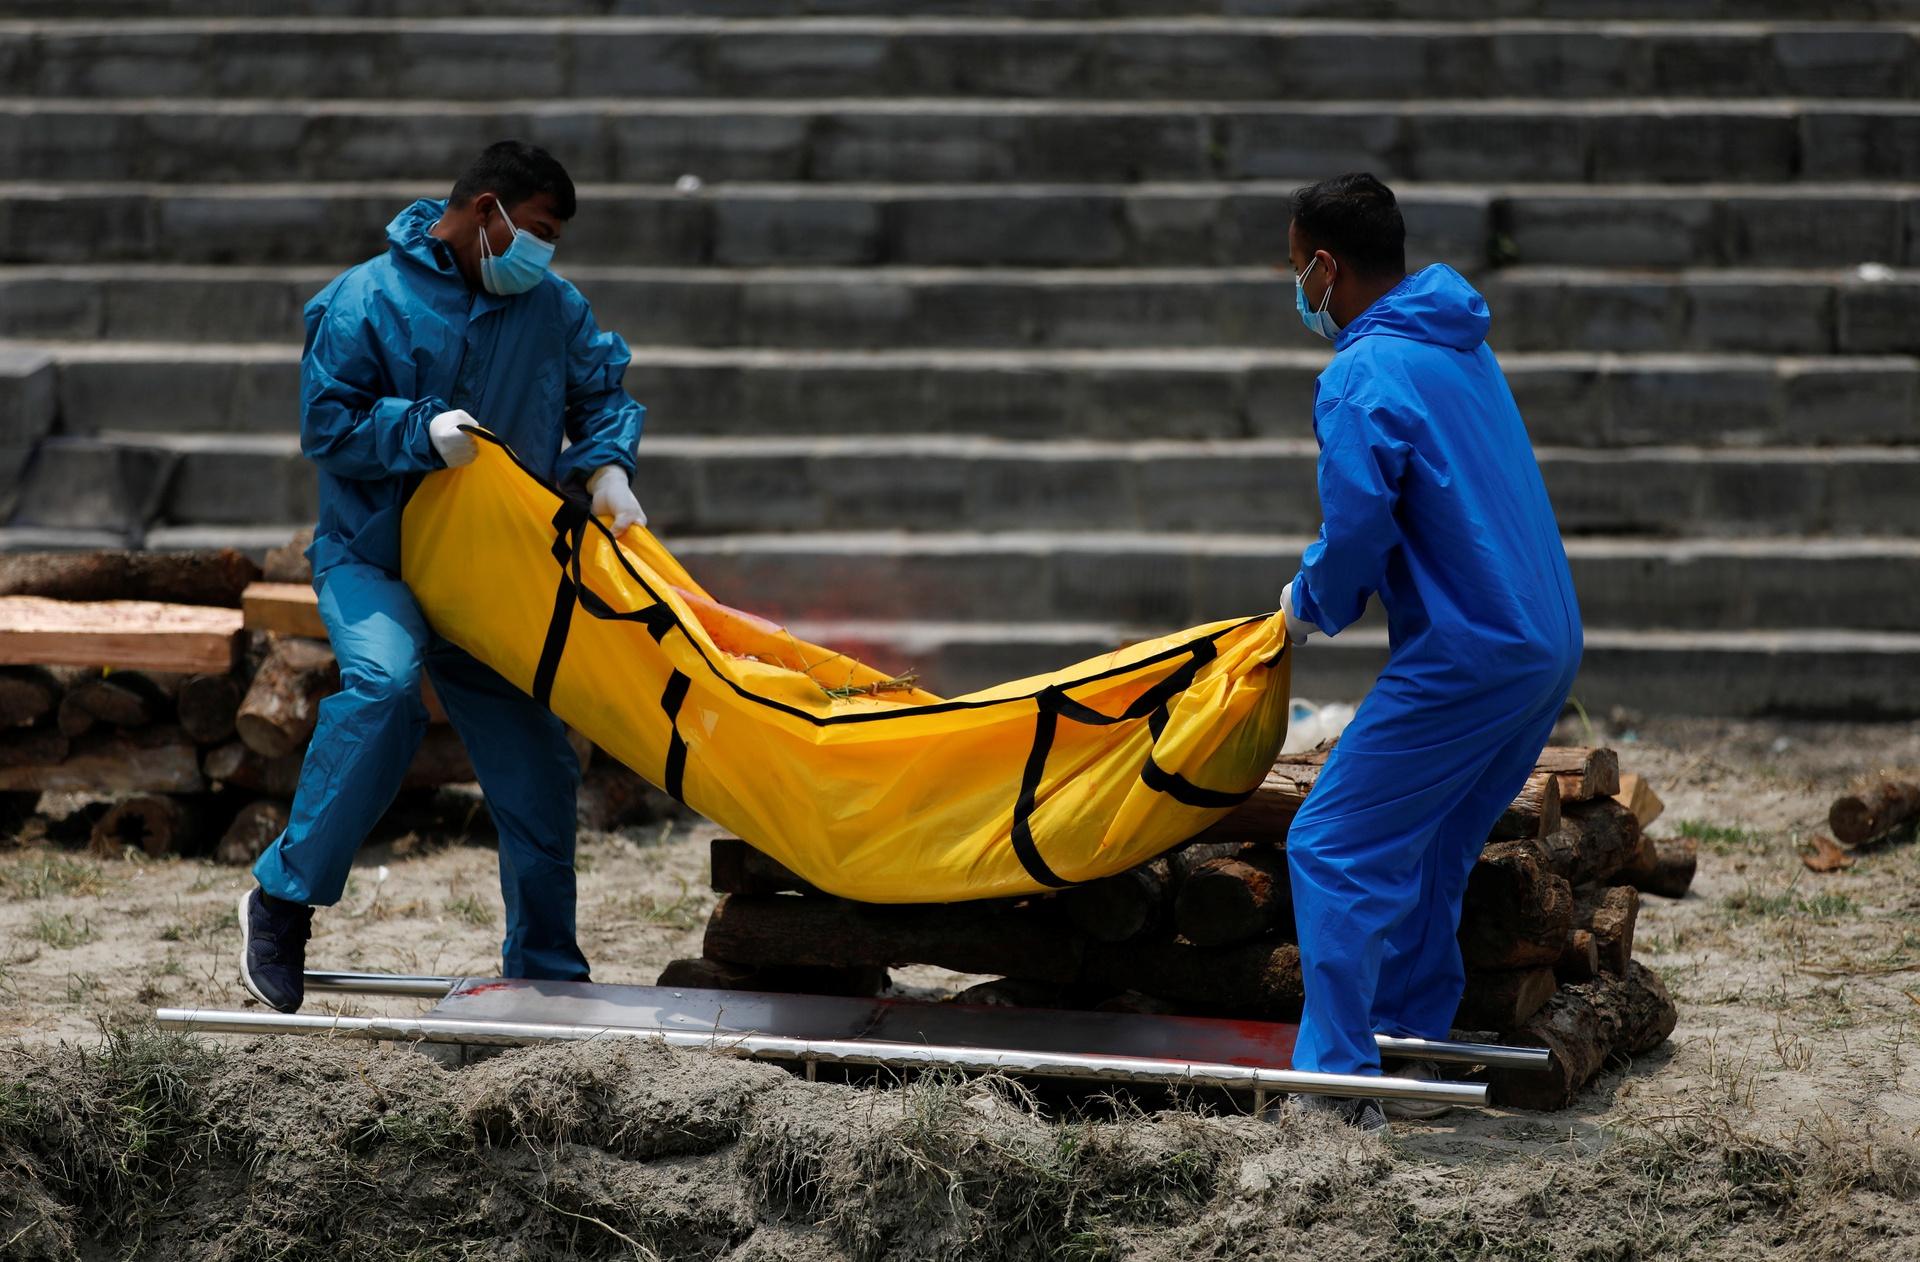 Sau Ấn Độ, nhà hỏa táng ở Nepal cũng hết chỗ, phải thiêu người chết vì Covid-19 ngoài trời: 'Tình hình thật sự đáng sợ, cả trẻ em và thanh niên cũng lâm vào tình trạng nguy kịch' - Ảnh 1